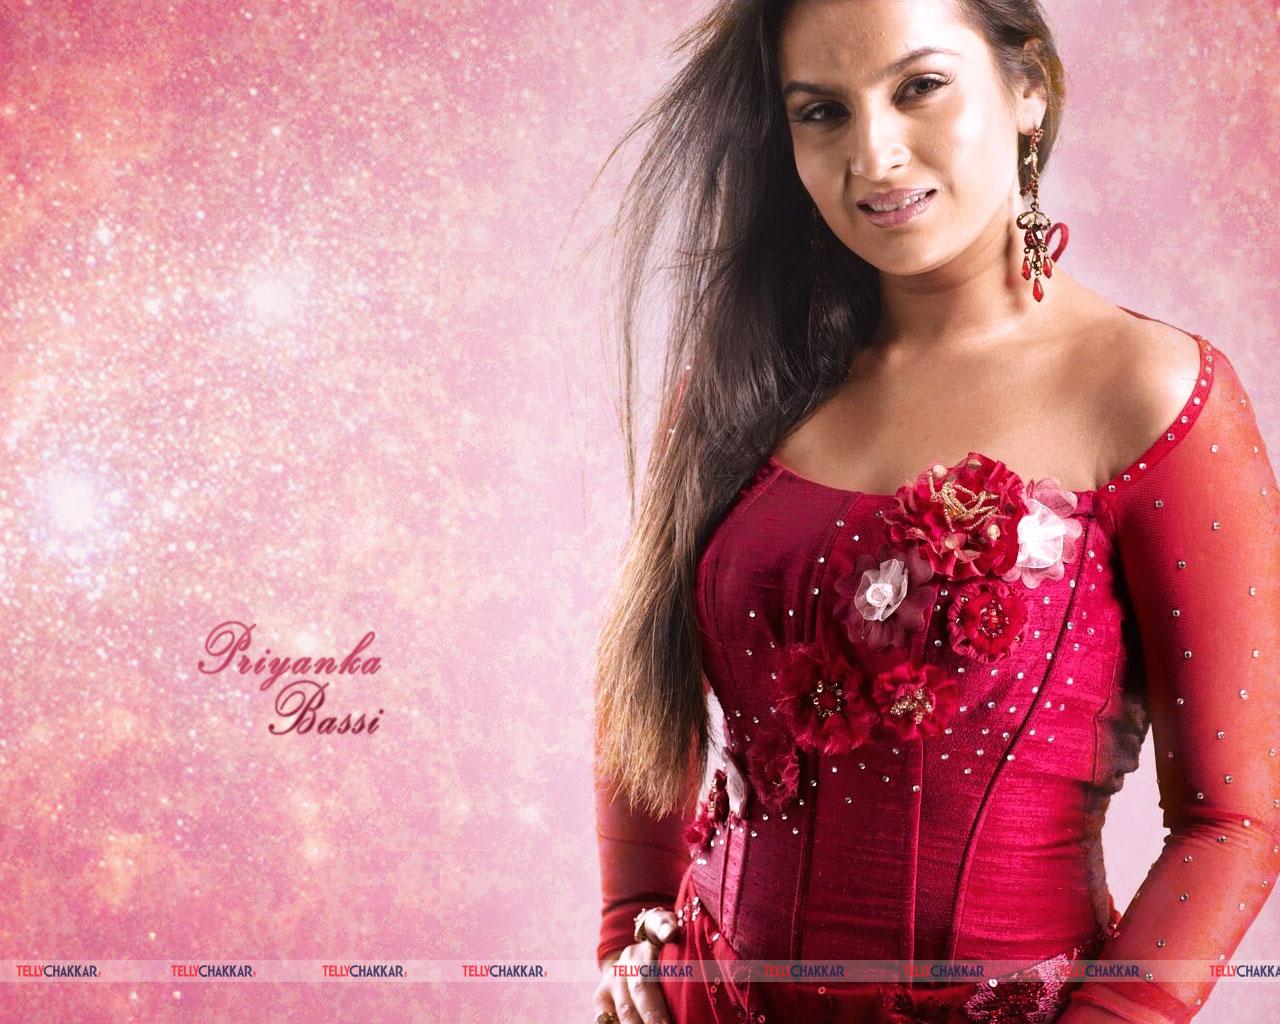 picture Priyanka Bassi